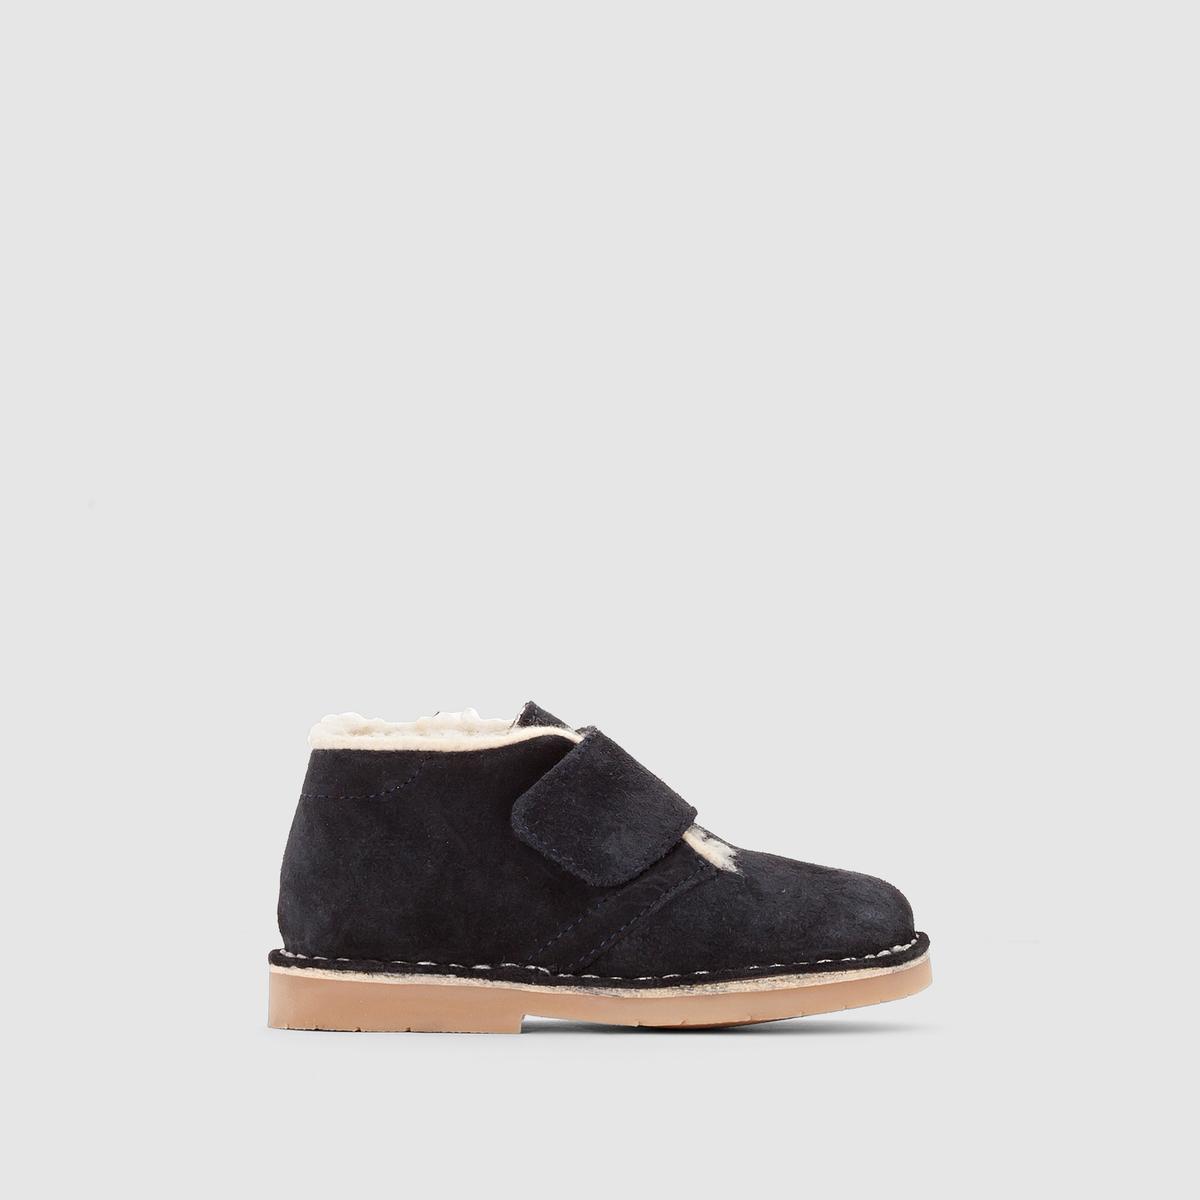 Ботинки из кожи на мехуПреимущества : мягкие ботинки R essentiel с искусственным мехом  дарят невероятный комфорт  . Особенно тщательная прошивка и материал, напоминающий замшу .<br><br>Цвет: синий морской<br>Размер: 20.25